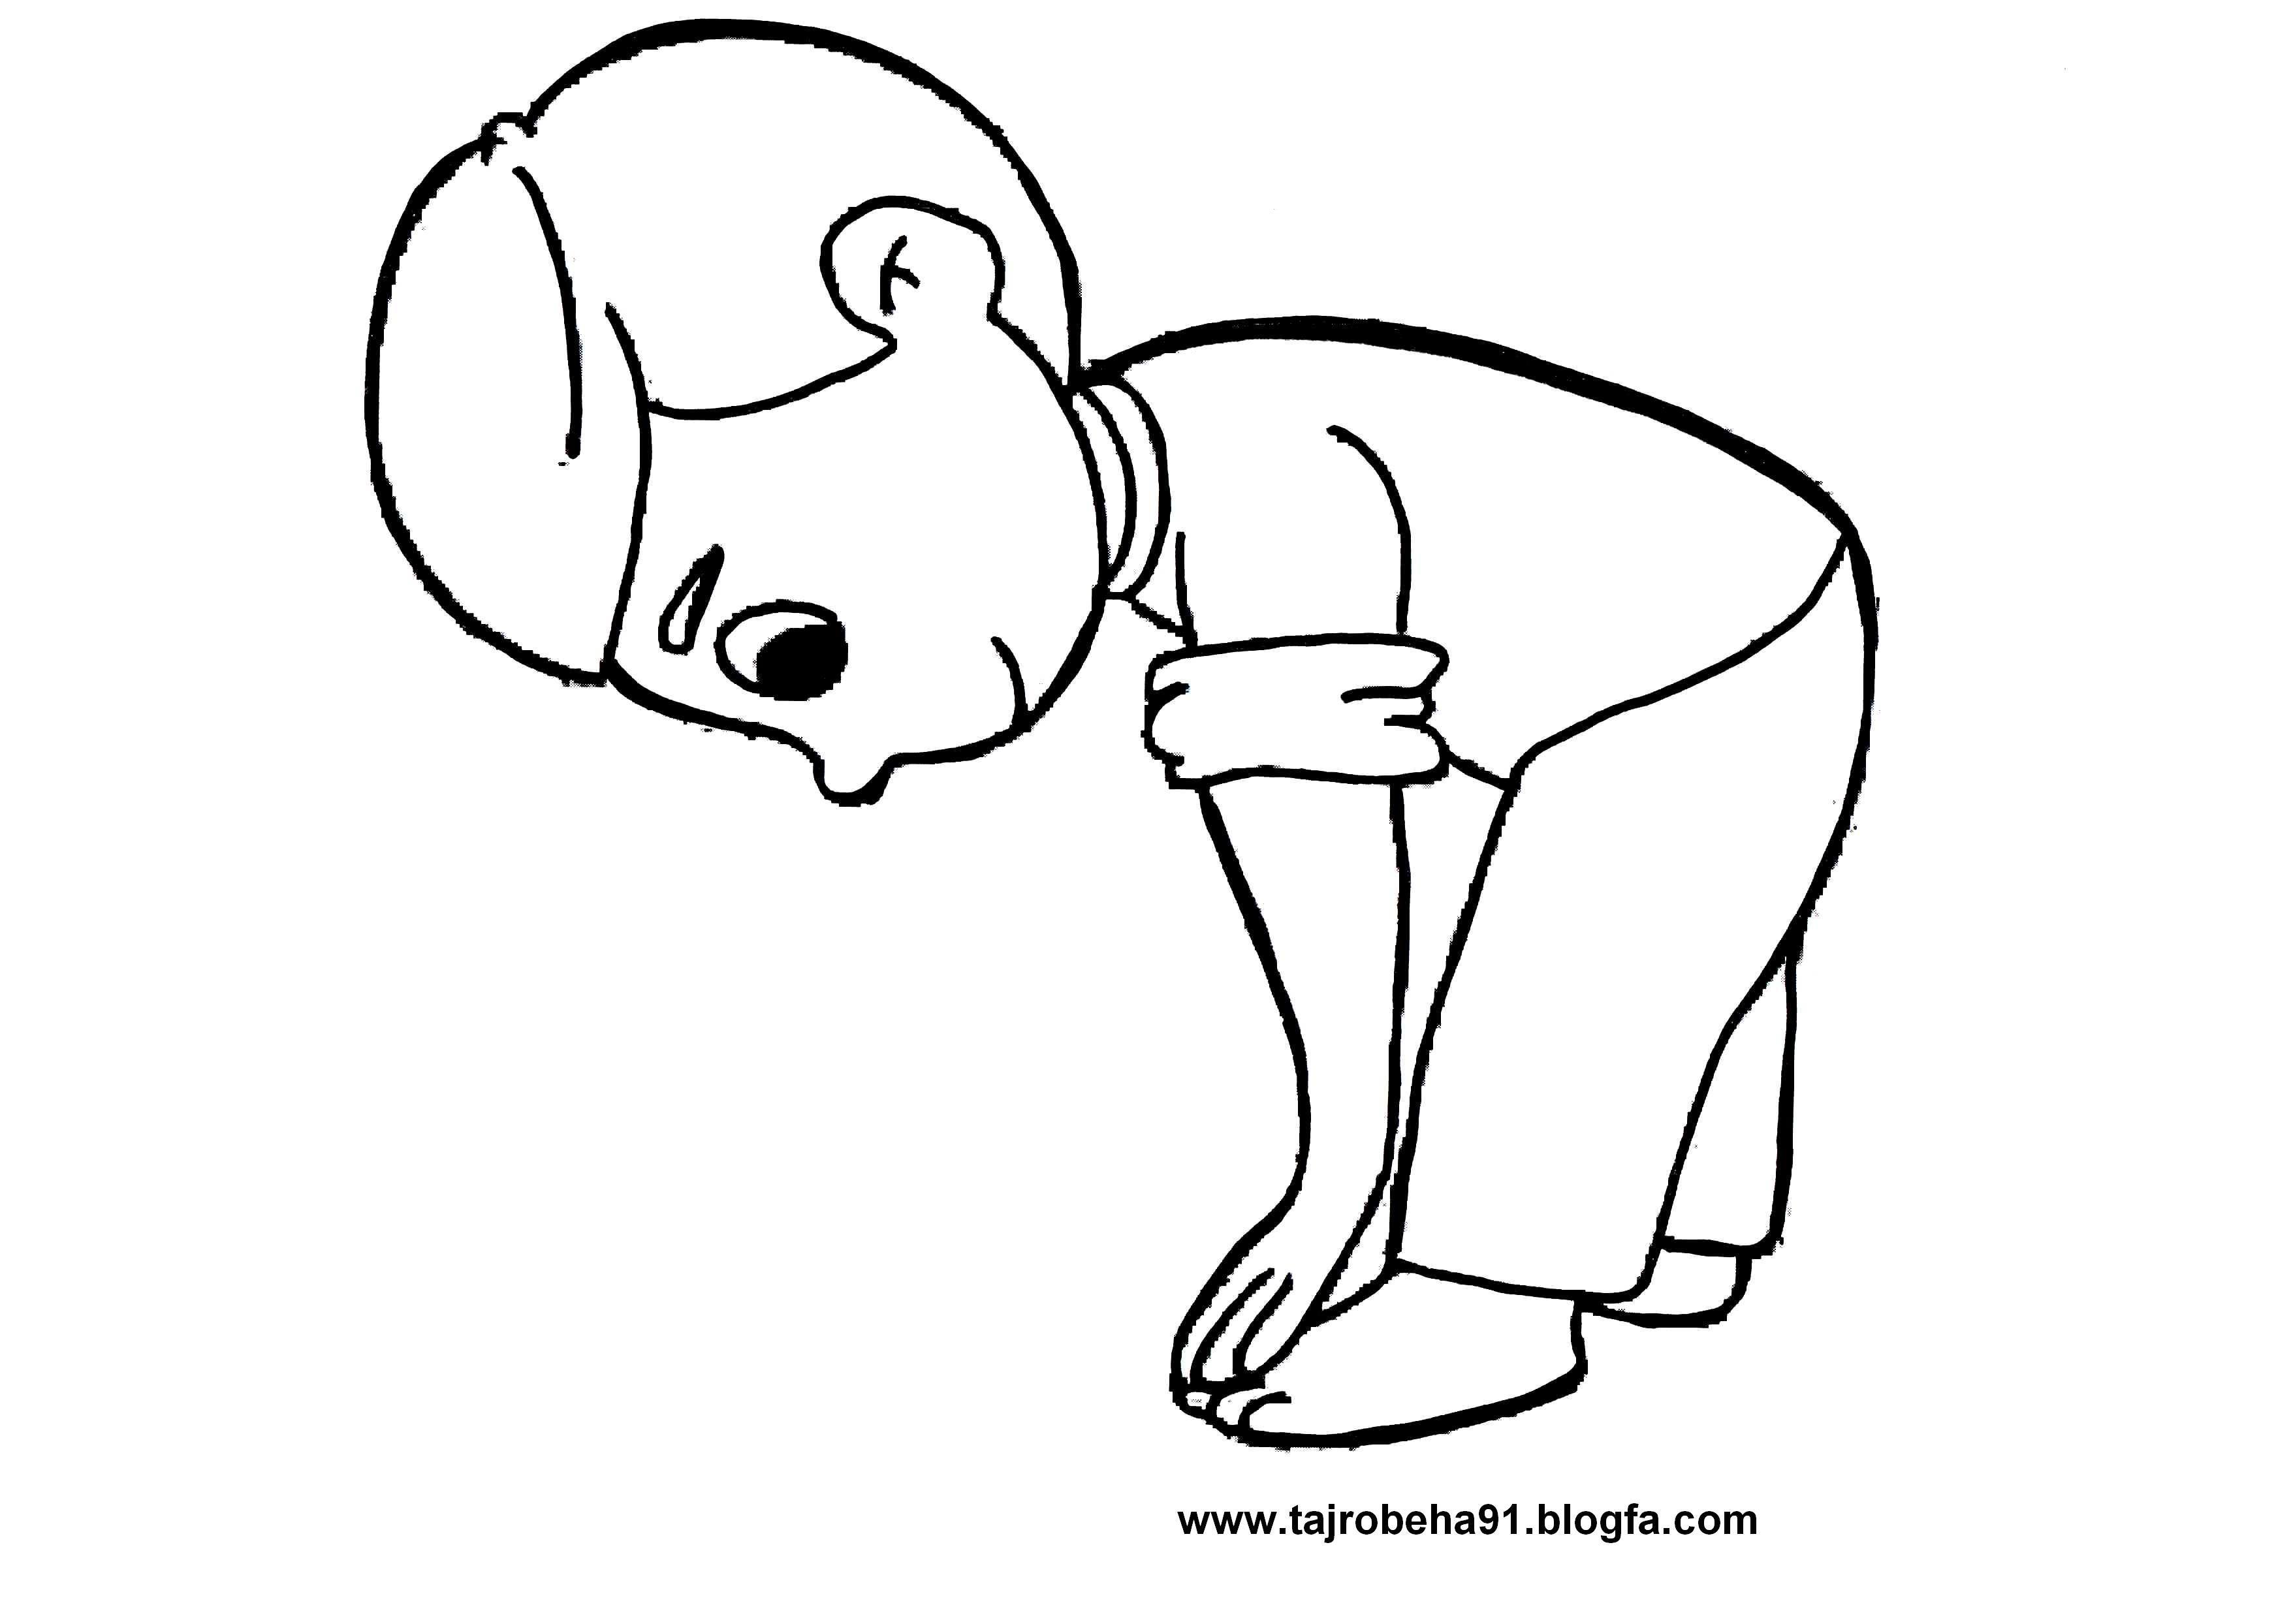 ablution , ablution before prayer, water for ablutionطرح رنگ آمیزی و آموزش وضو